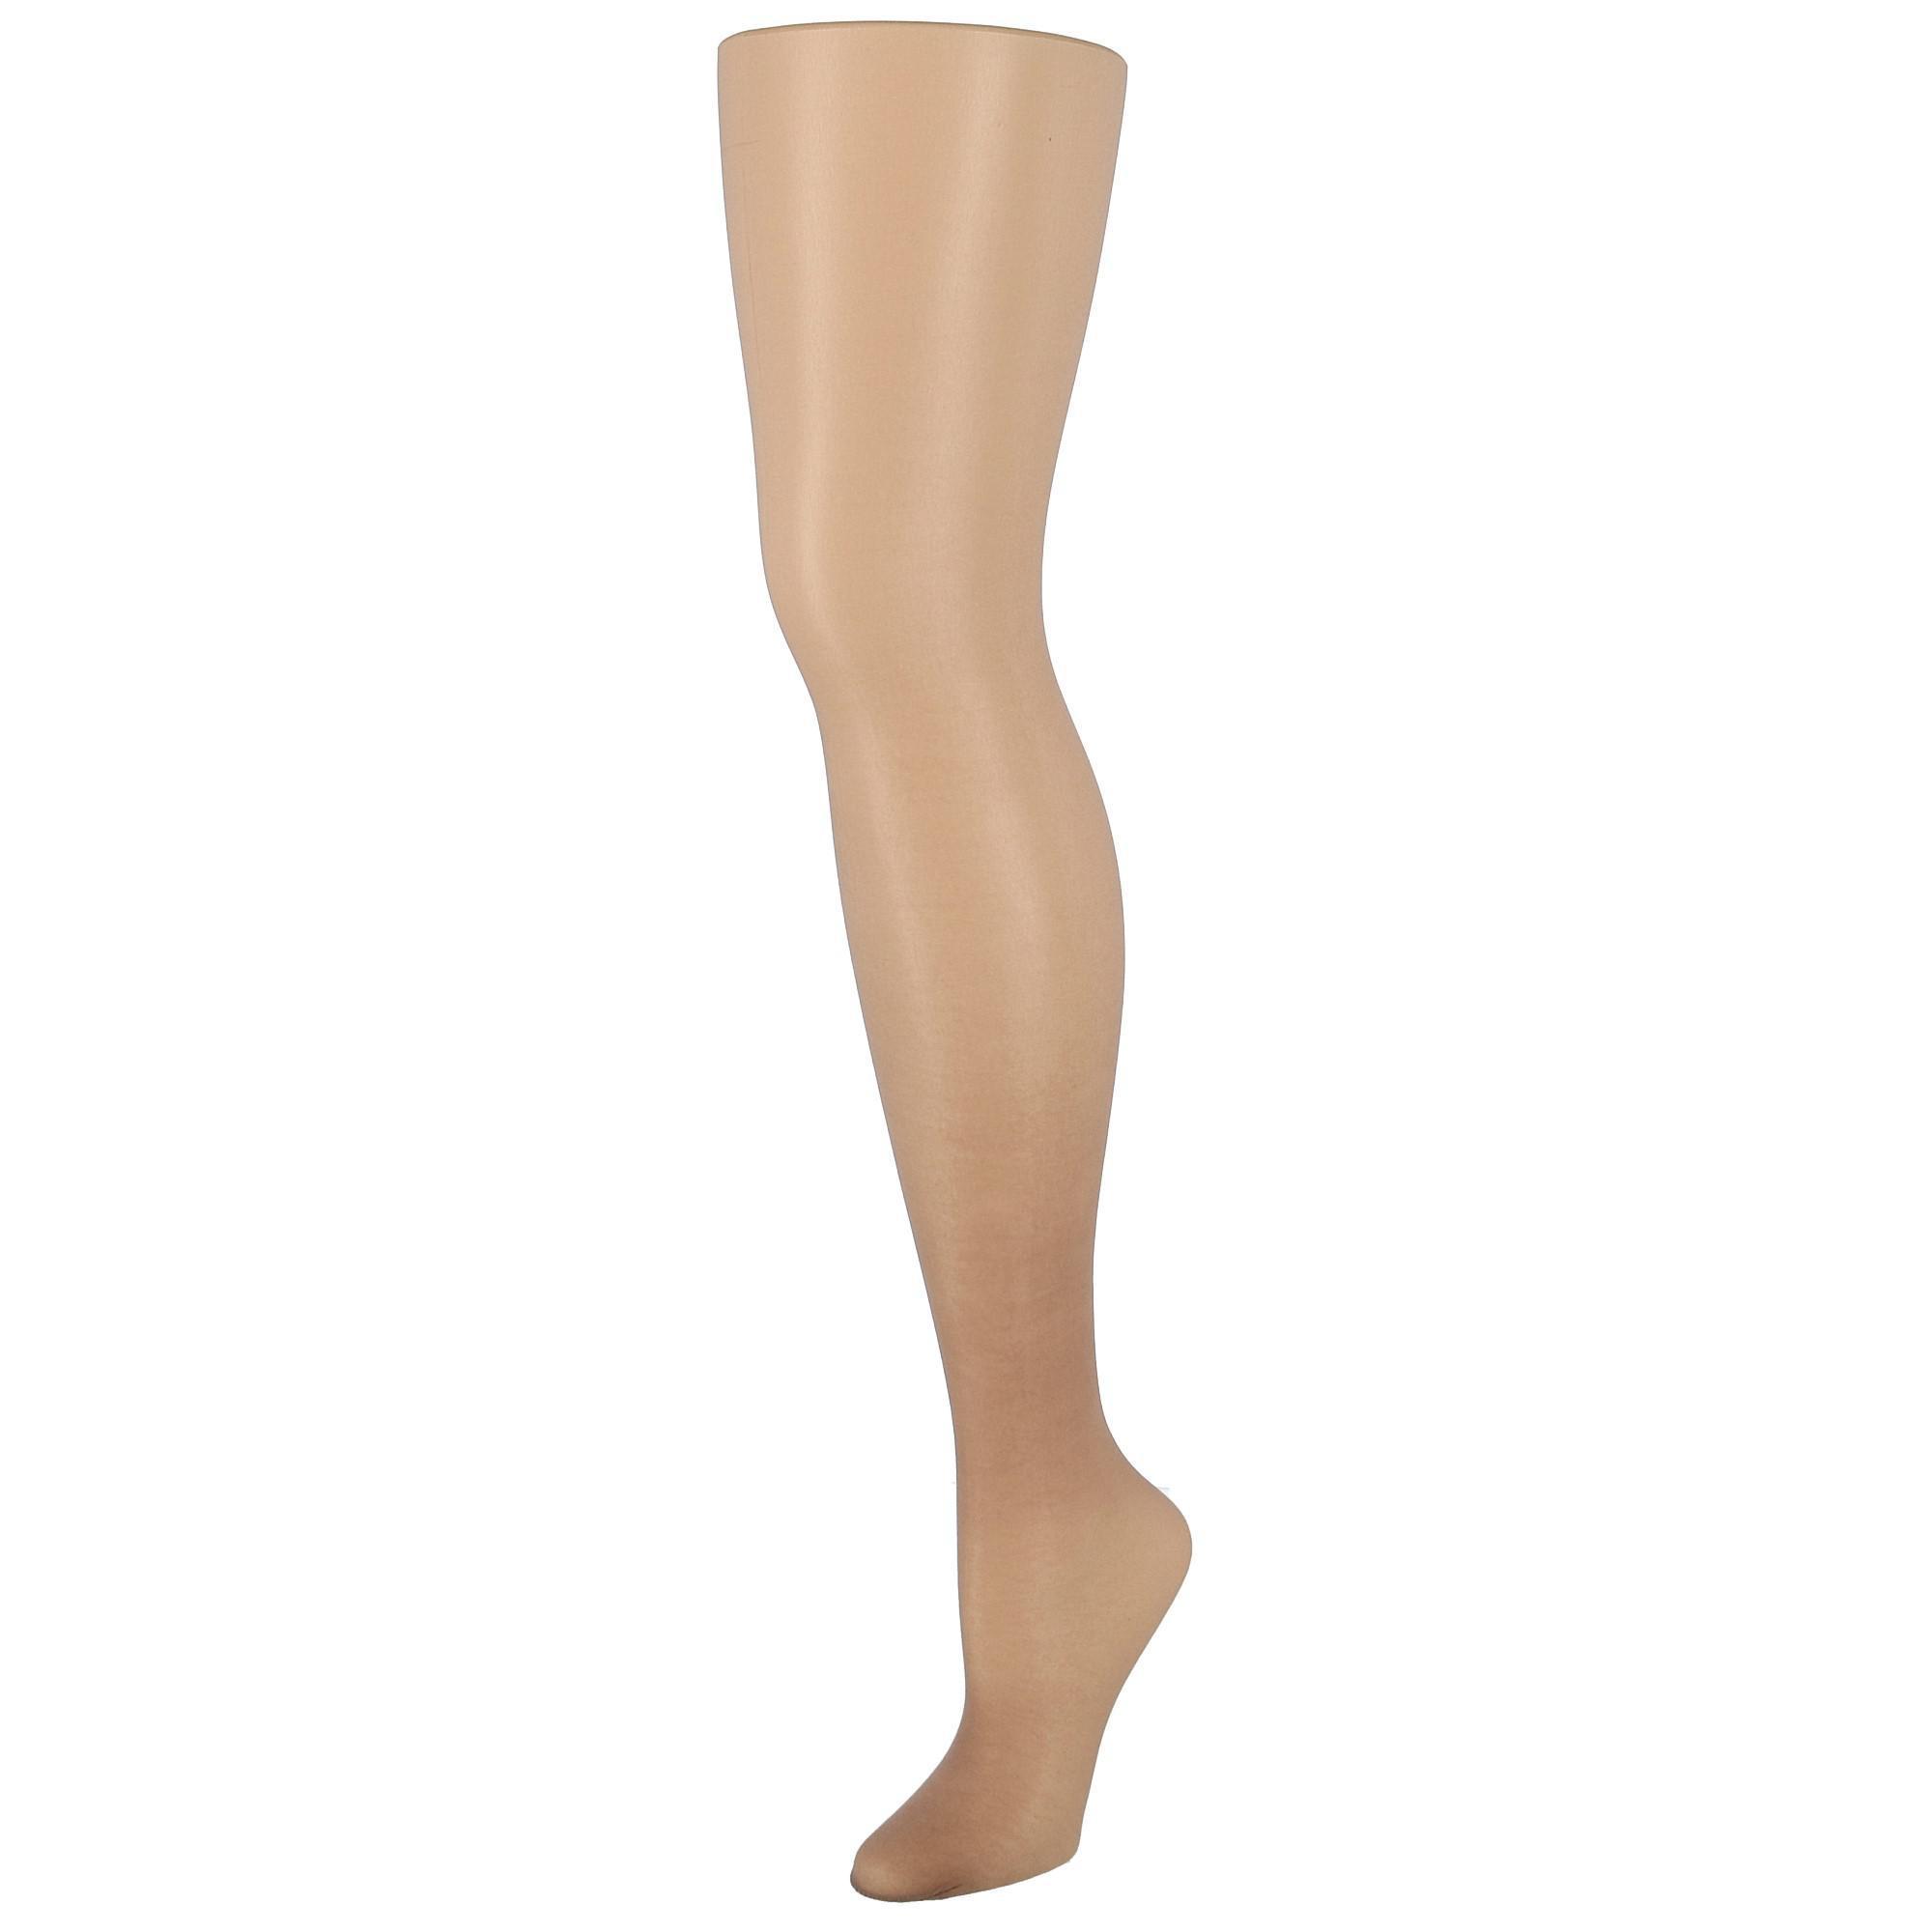 426343a33 New Leggs Women s Nylon Run Resistant Sheer Control Top Pantyhose